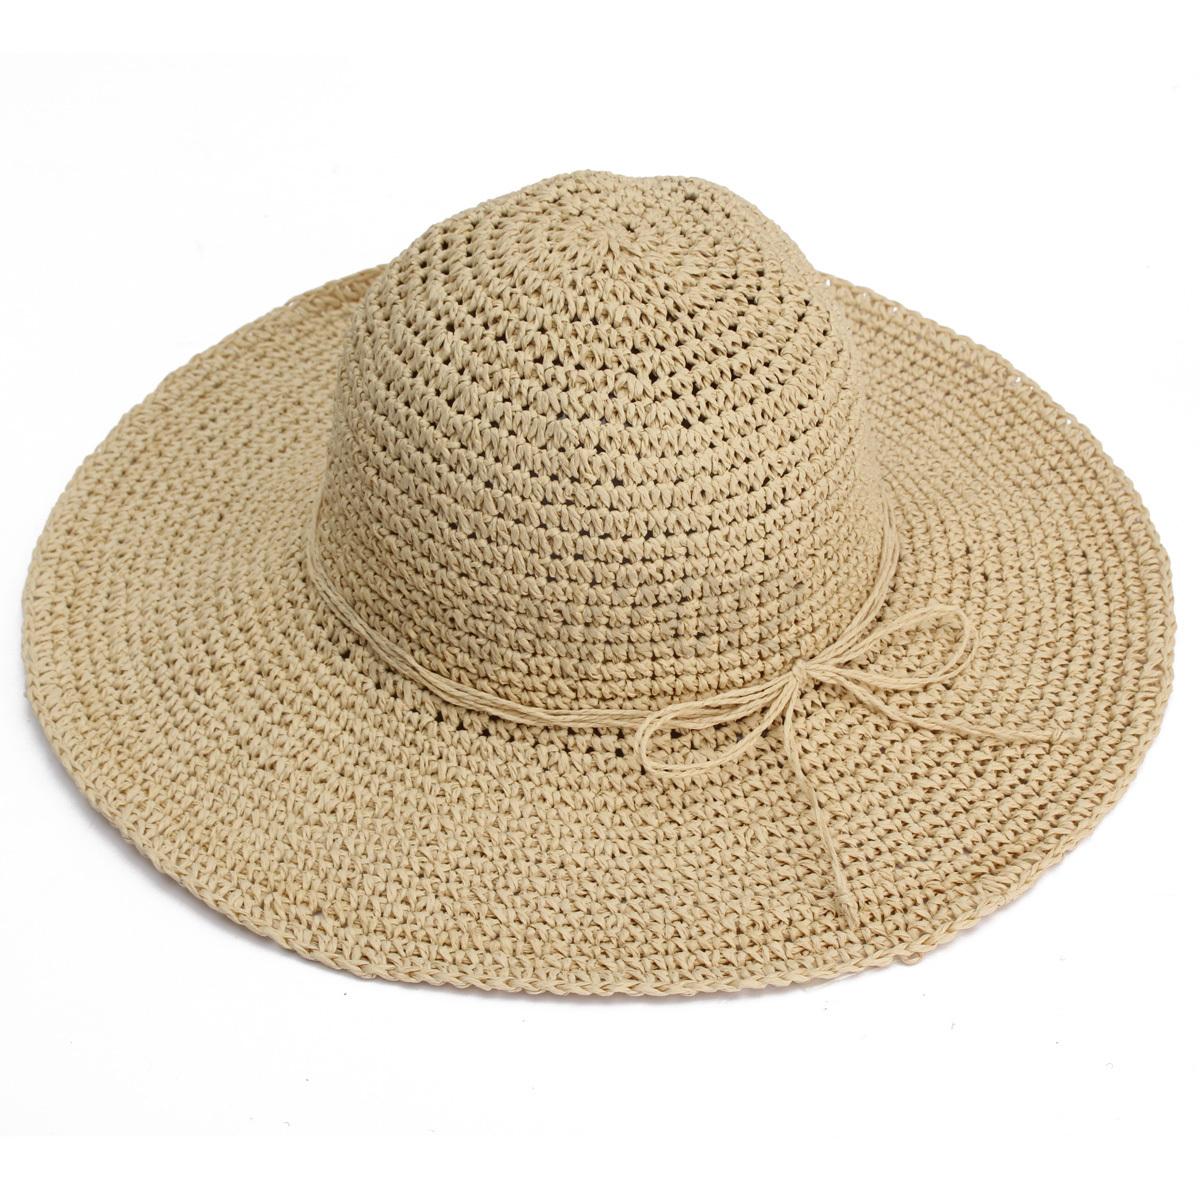 uk handmade foldable summer large brim straw floppy